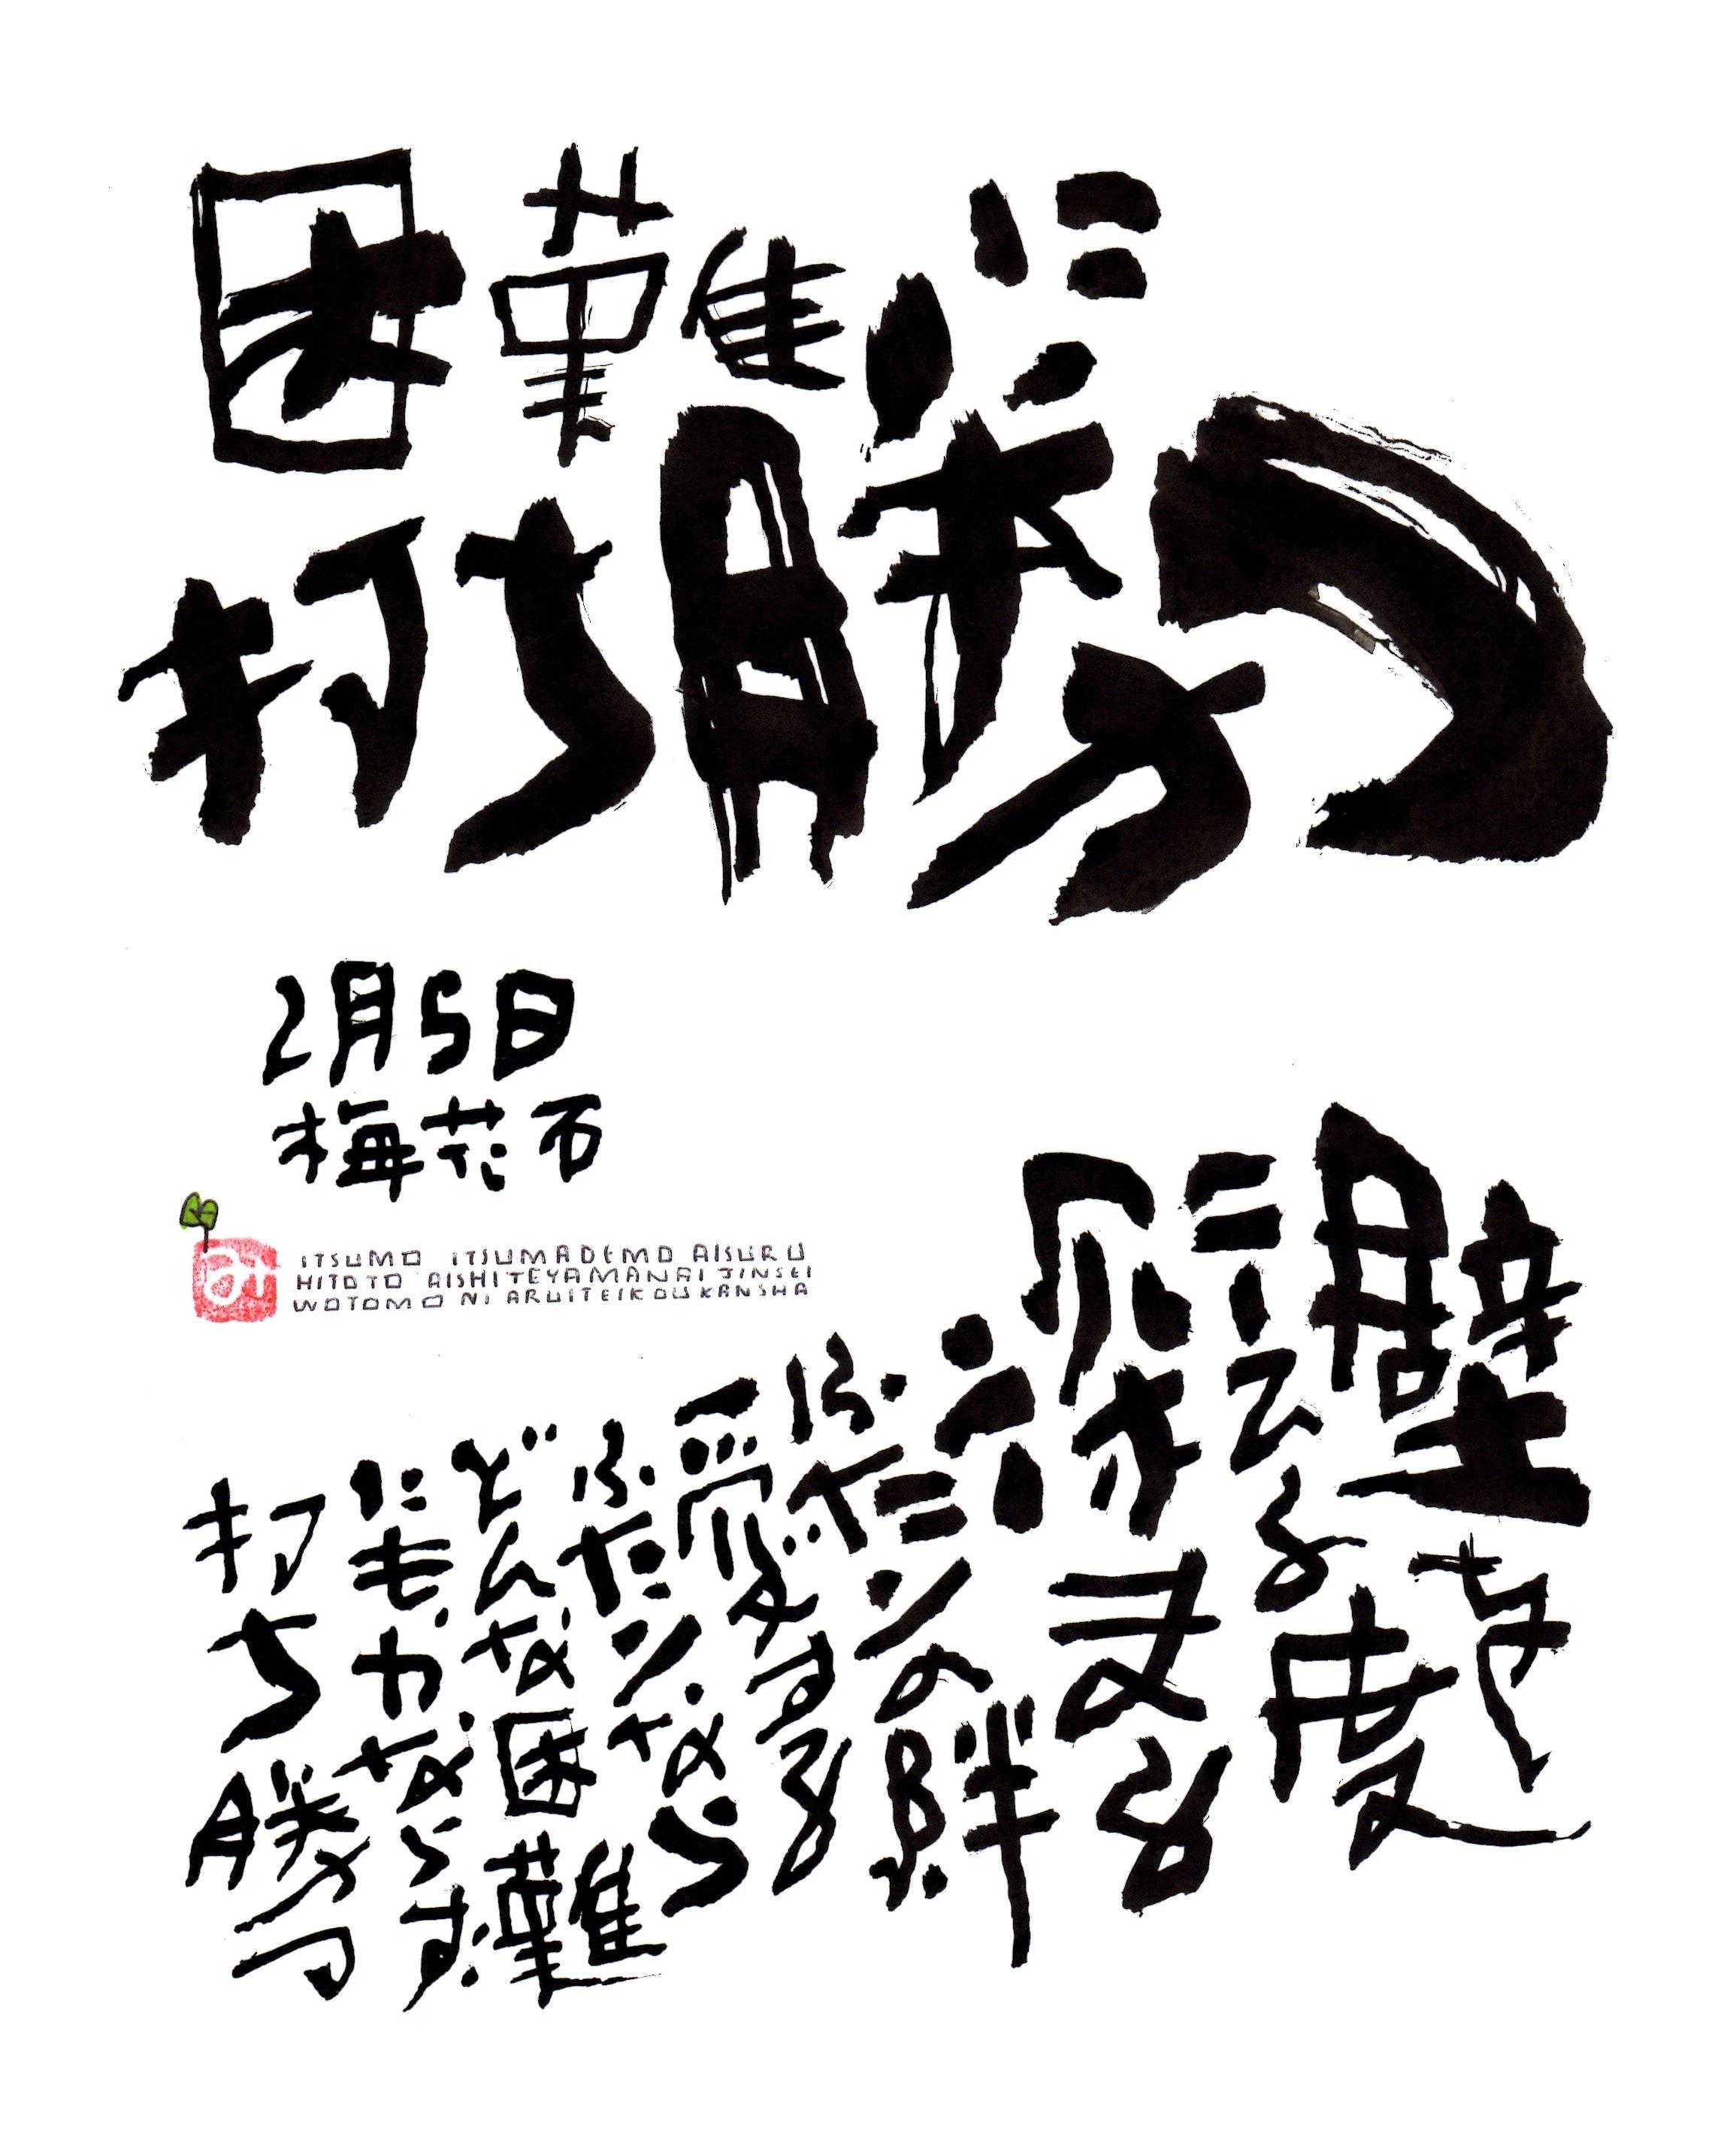 2月5日 結婚記念日ポストカード【困難に打ち勝つ】